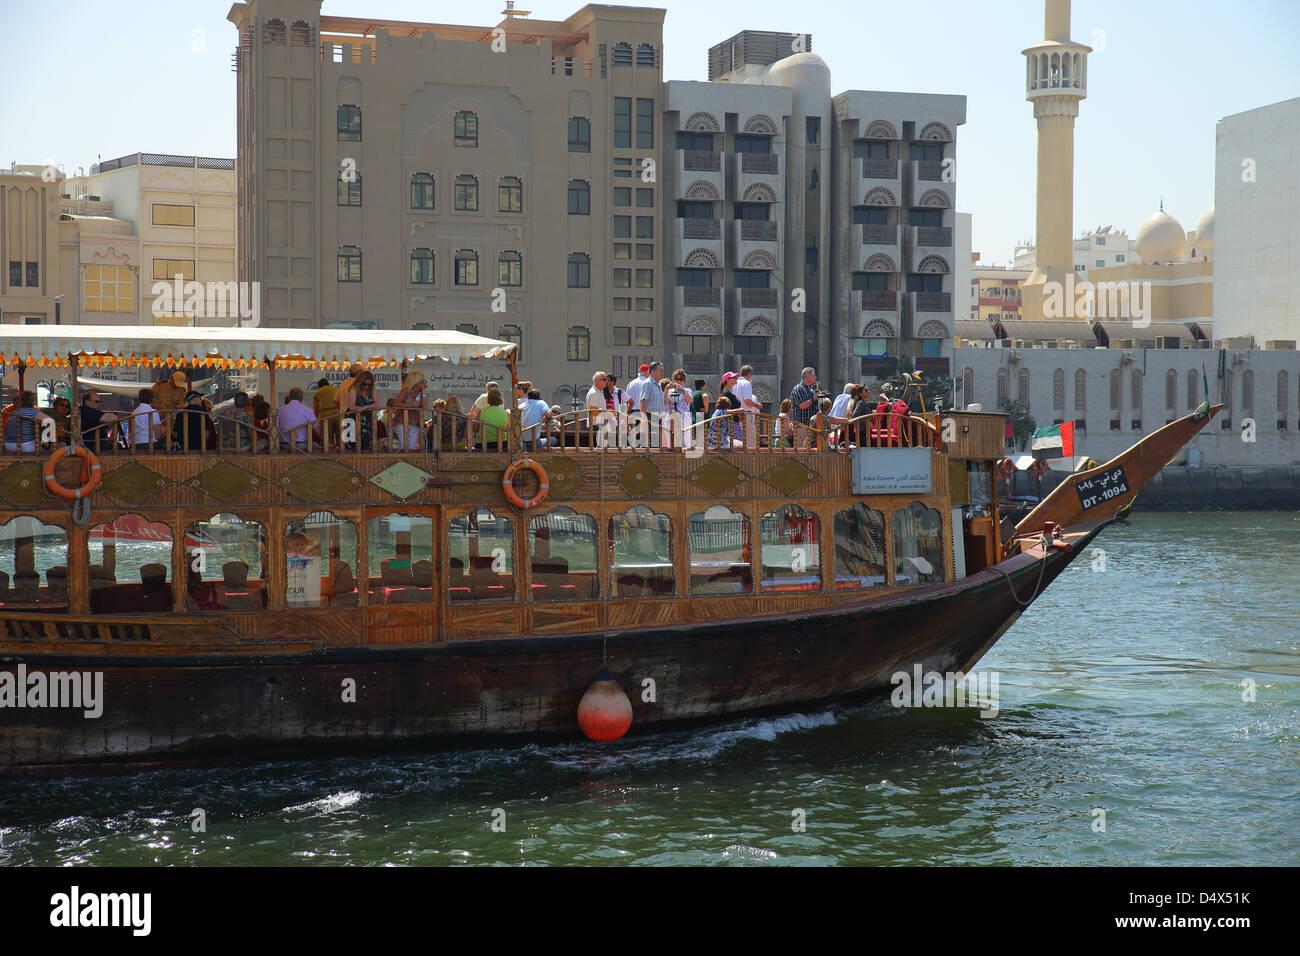 Touristen an Bord eines Schiffes auf dem Dubai Creek, Vereinigte Arabische Emirate Stockbild